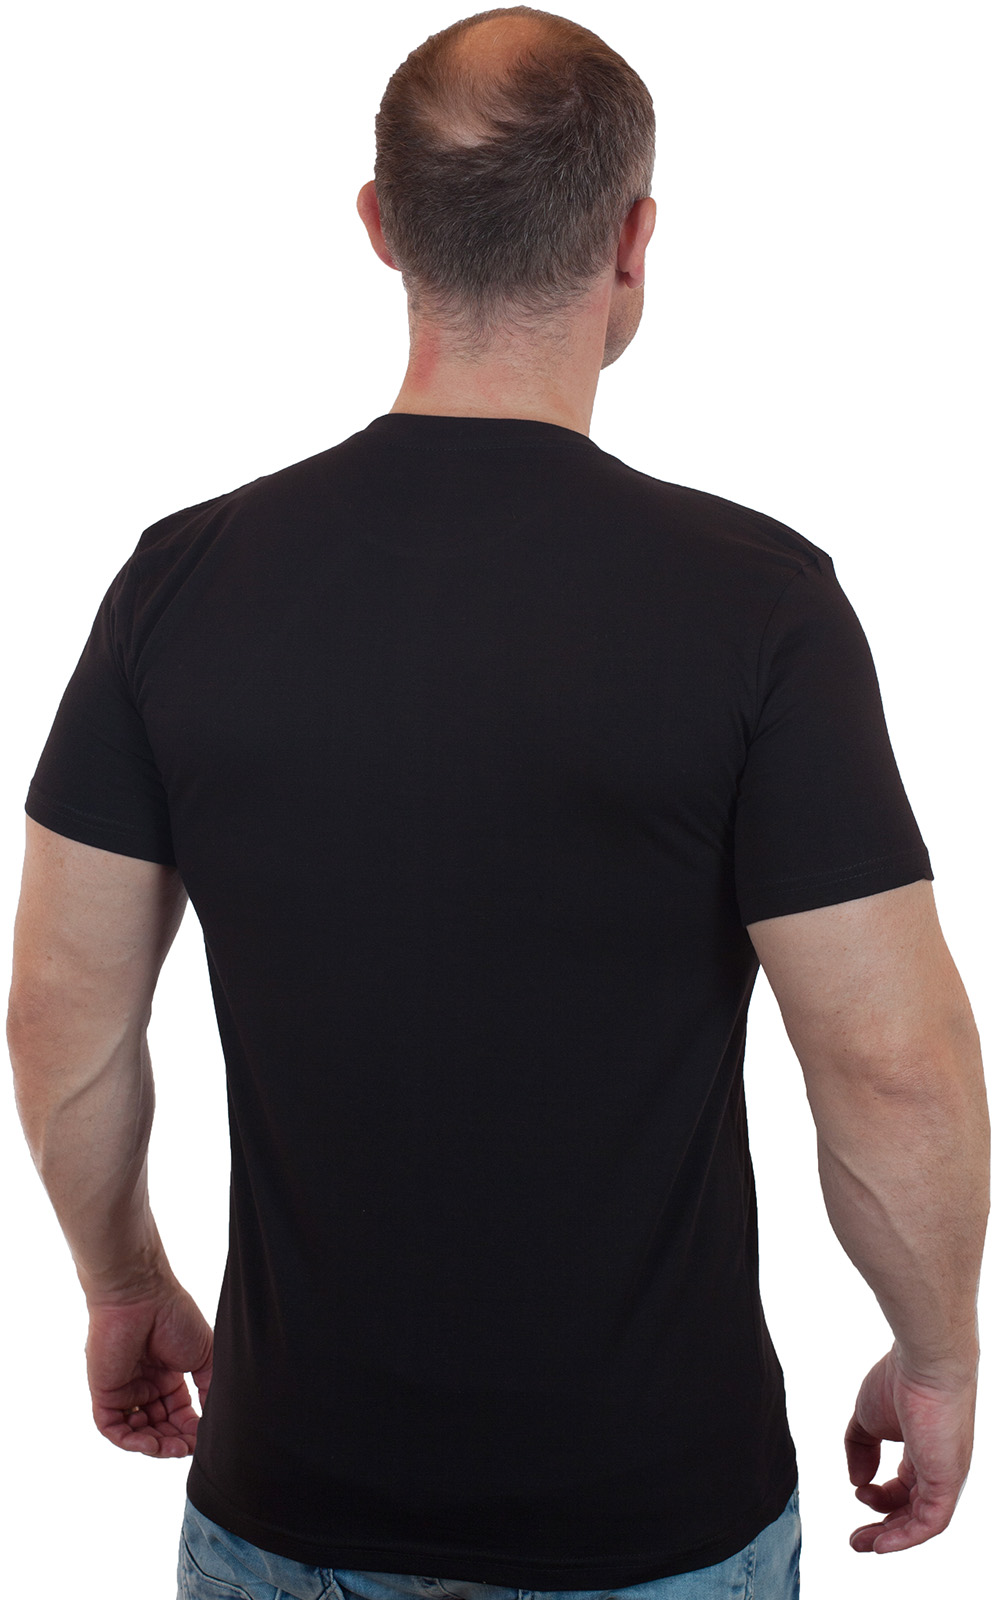 Хлопковая футболка  с вышитым шевроном Донская Казачья - купить онлайн